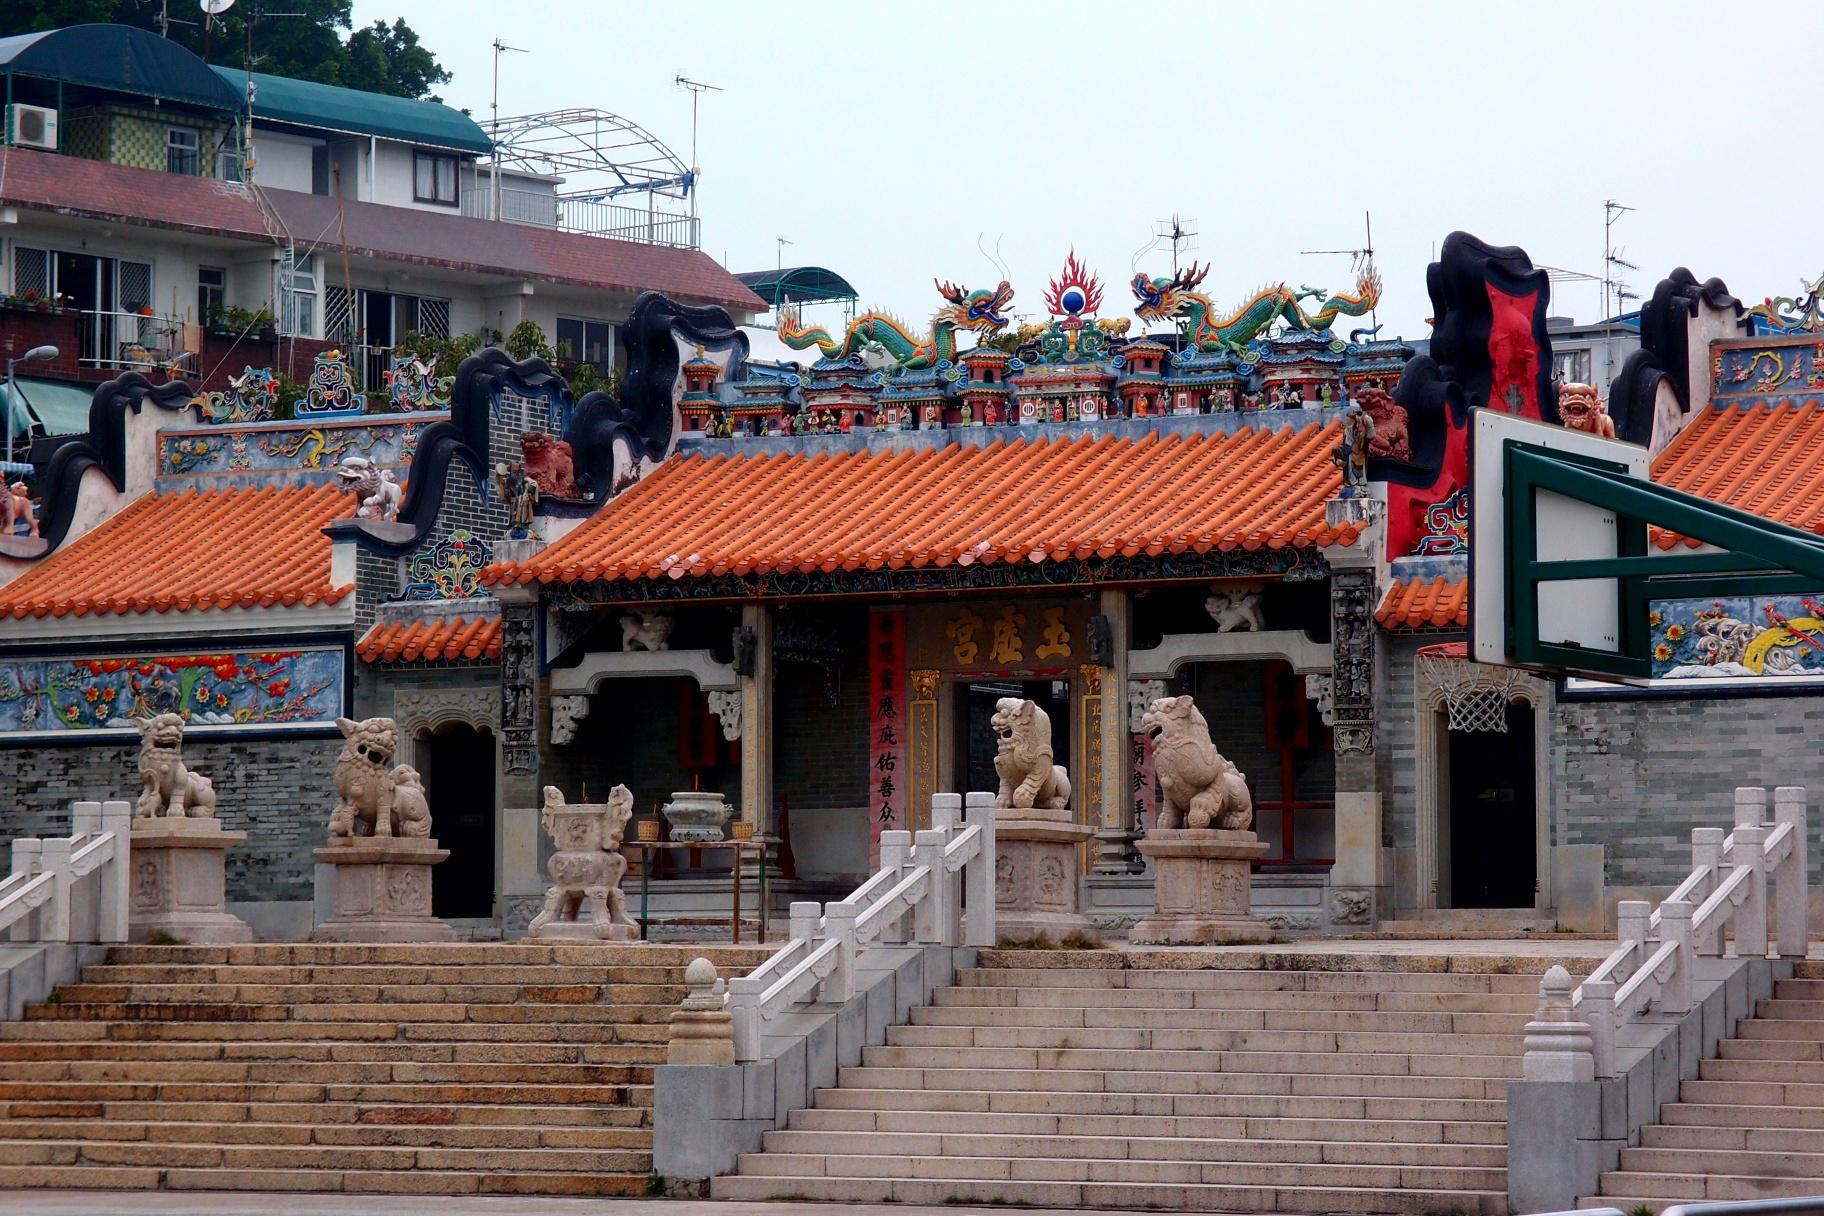 The famous Pak Tai Temple